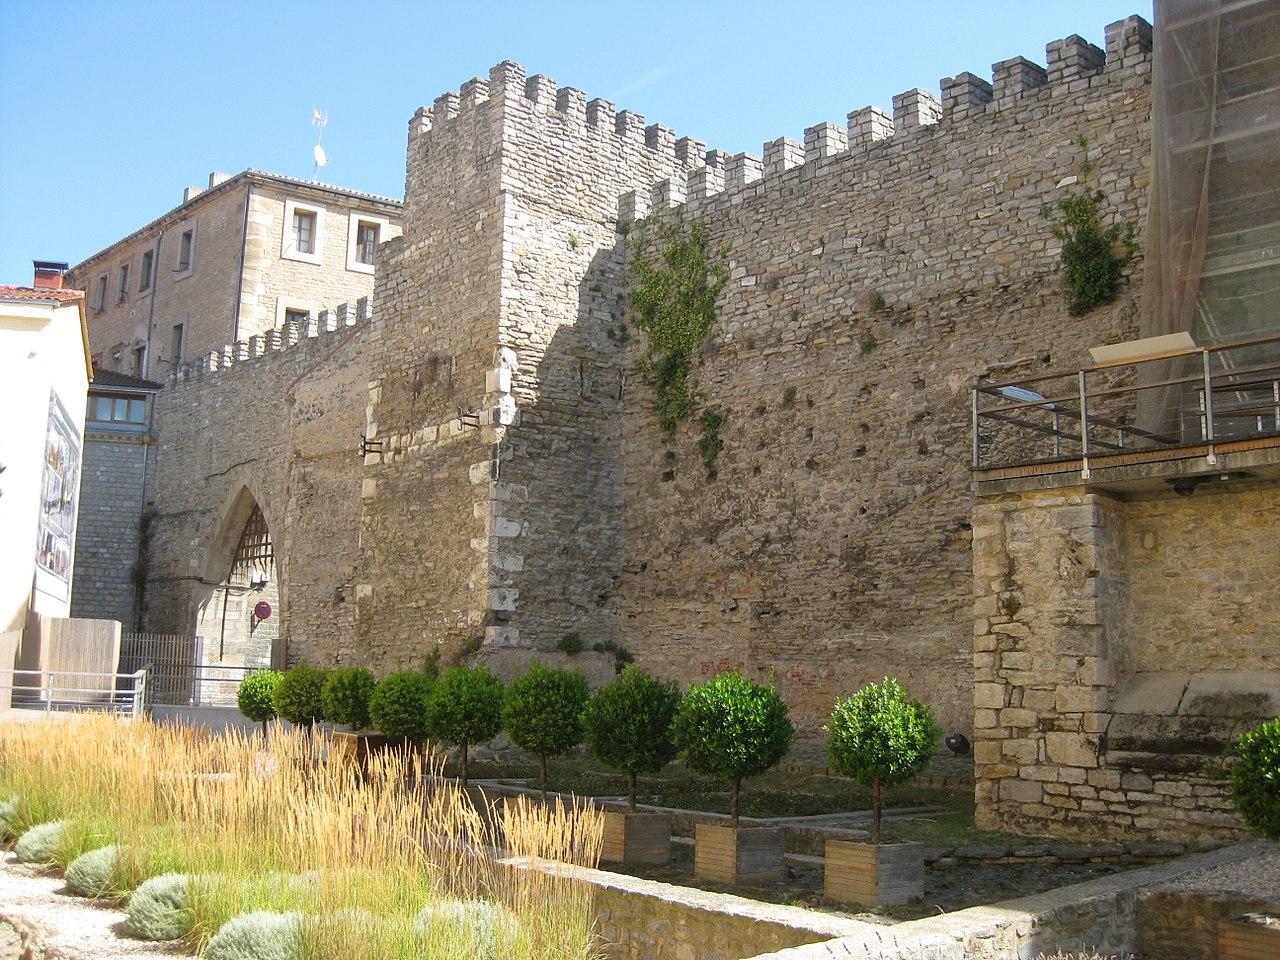 La muralla medieval de Vitoria